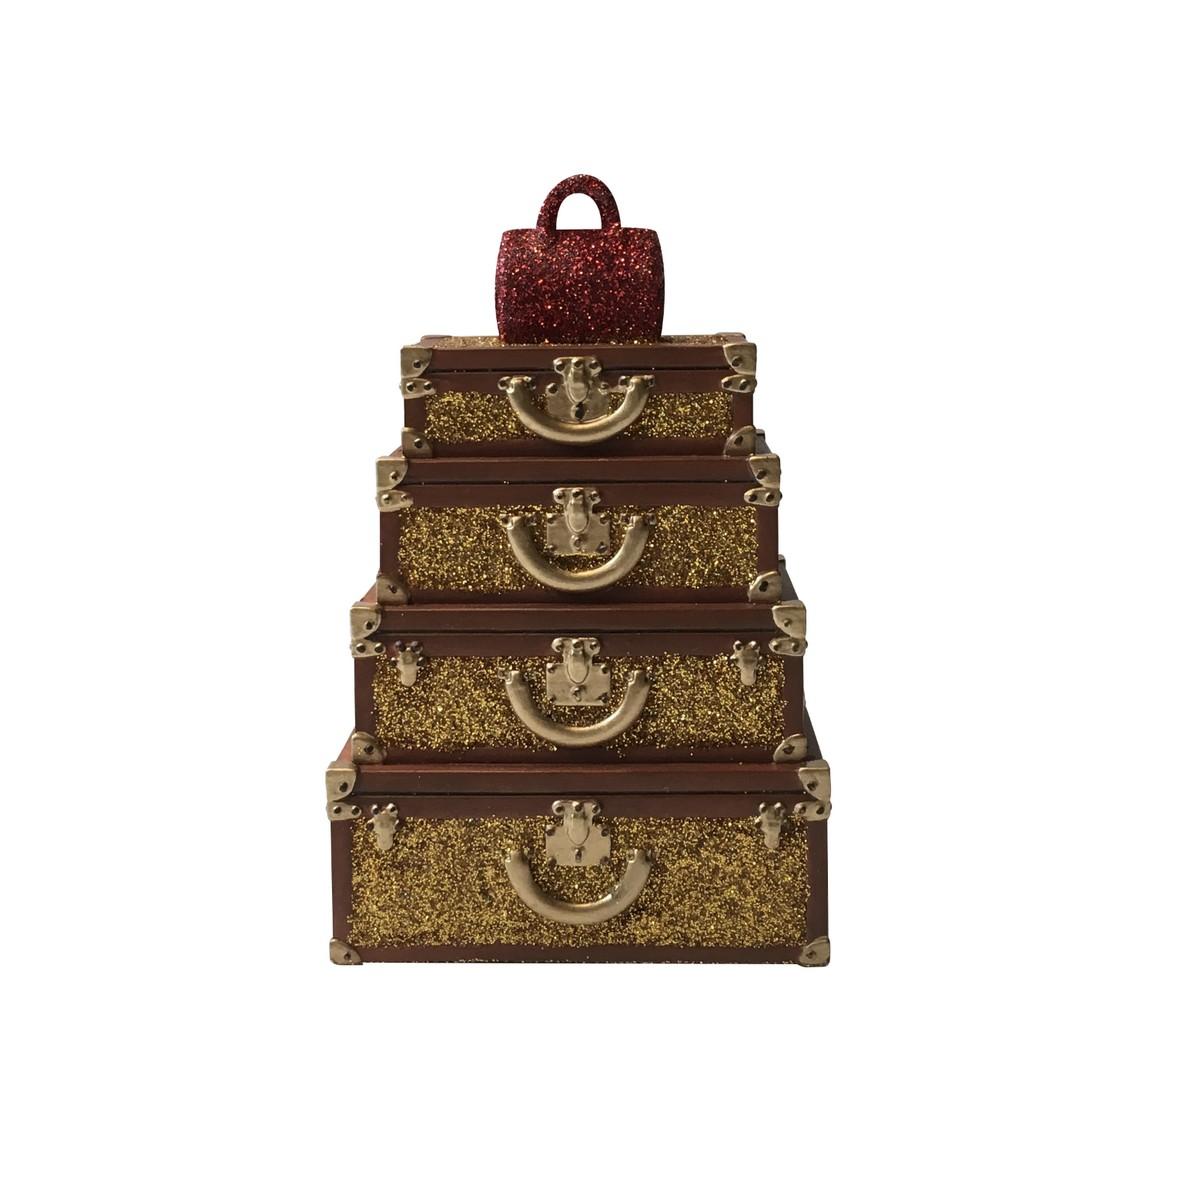 Regali Natale 2018 Louis Vuitton